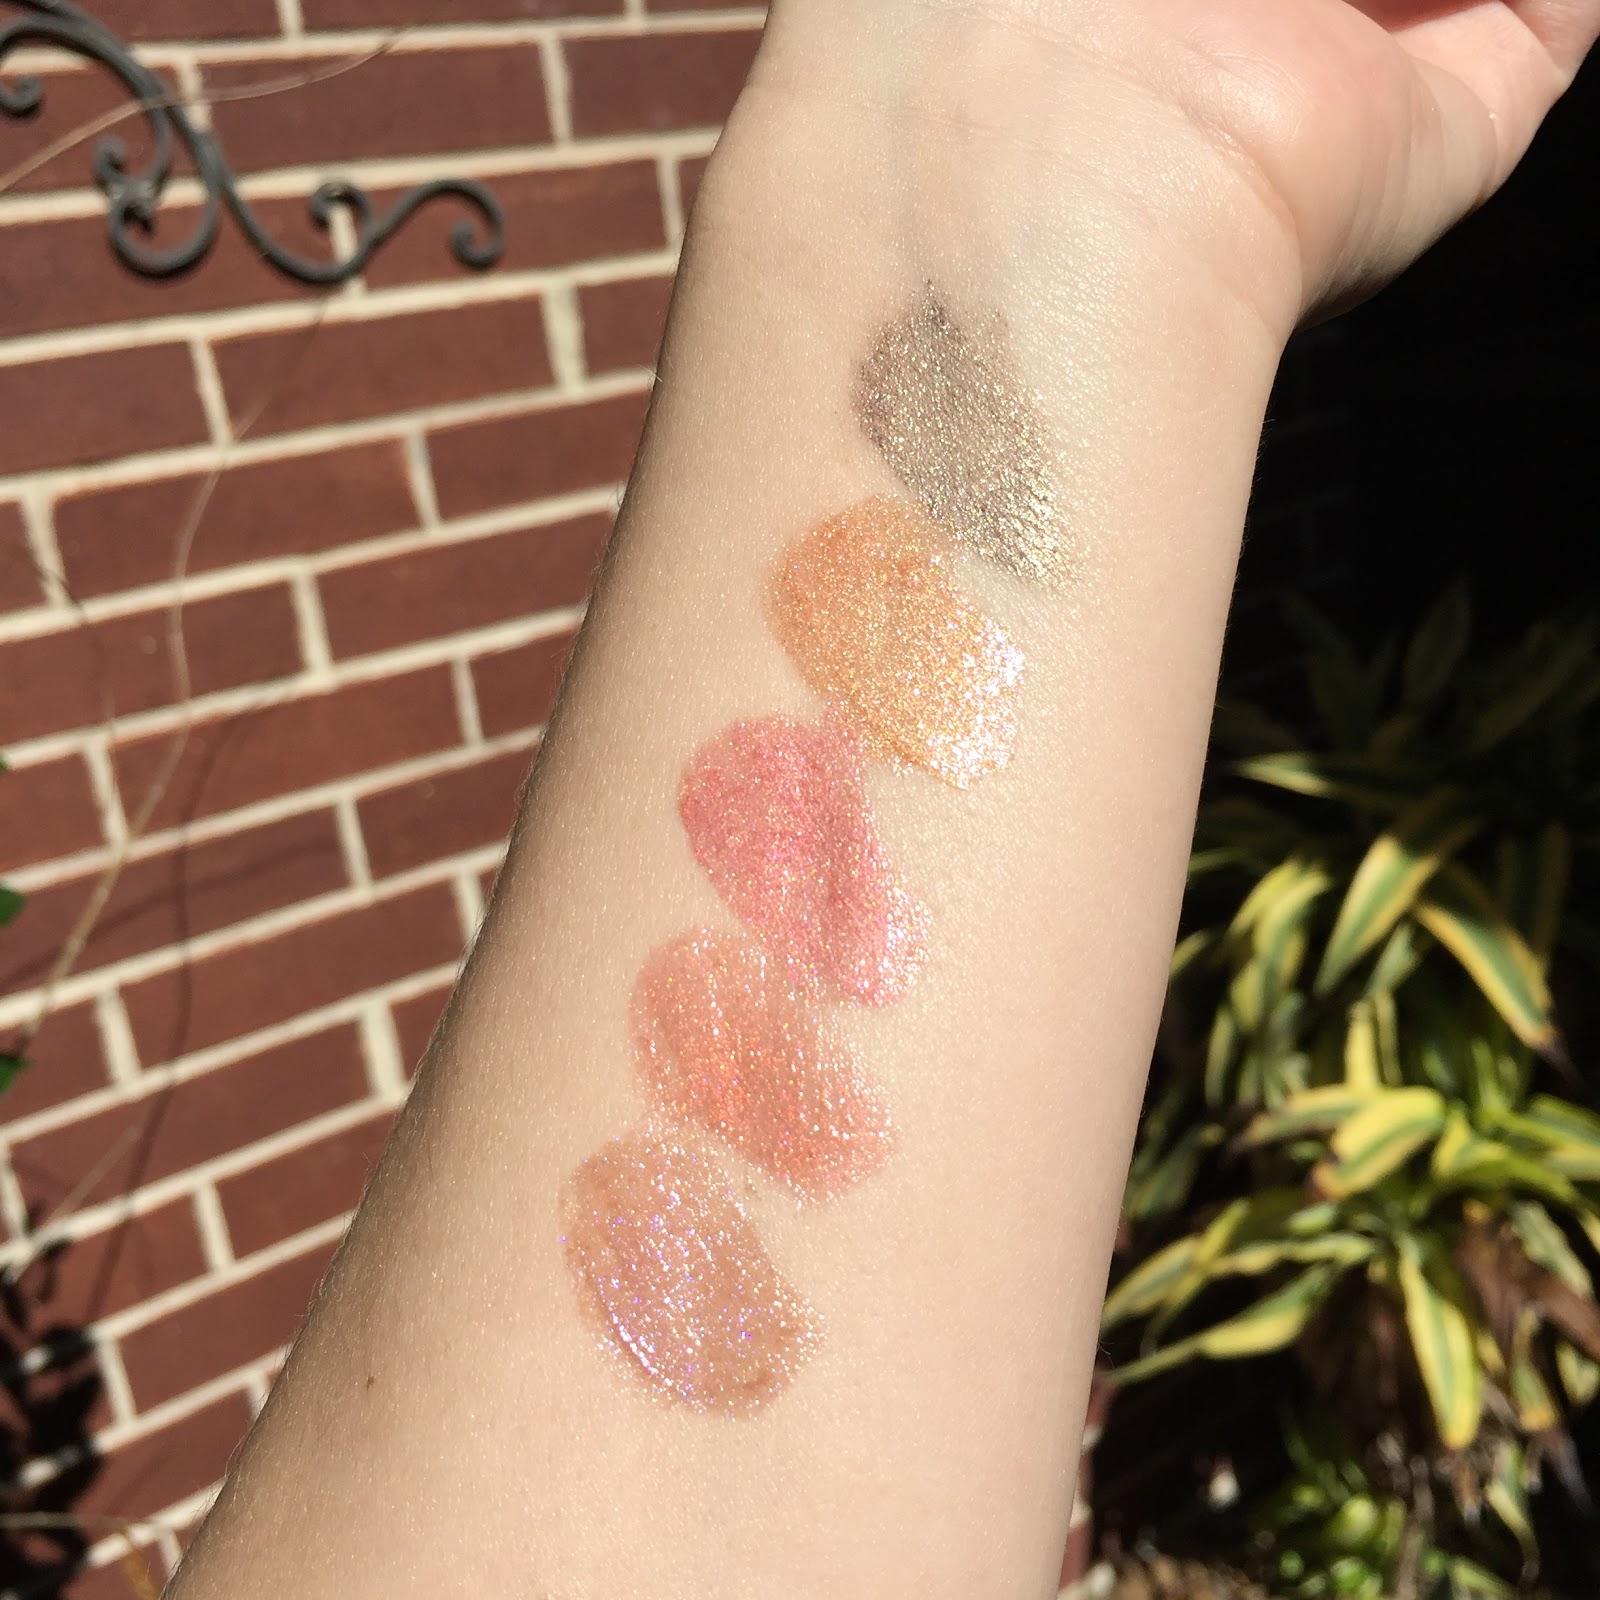 Ecstasy Lacquer Lip Gloss by Giorgio Armani Beauty #10